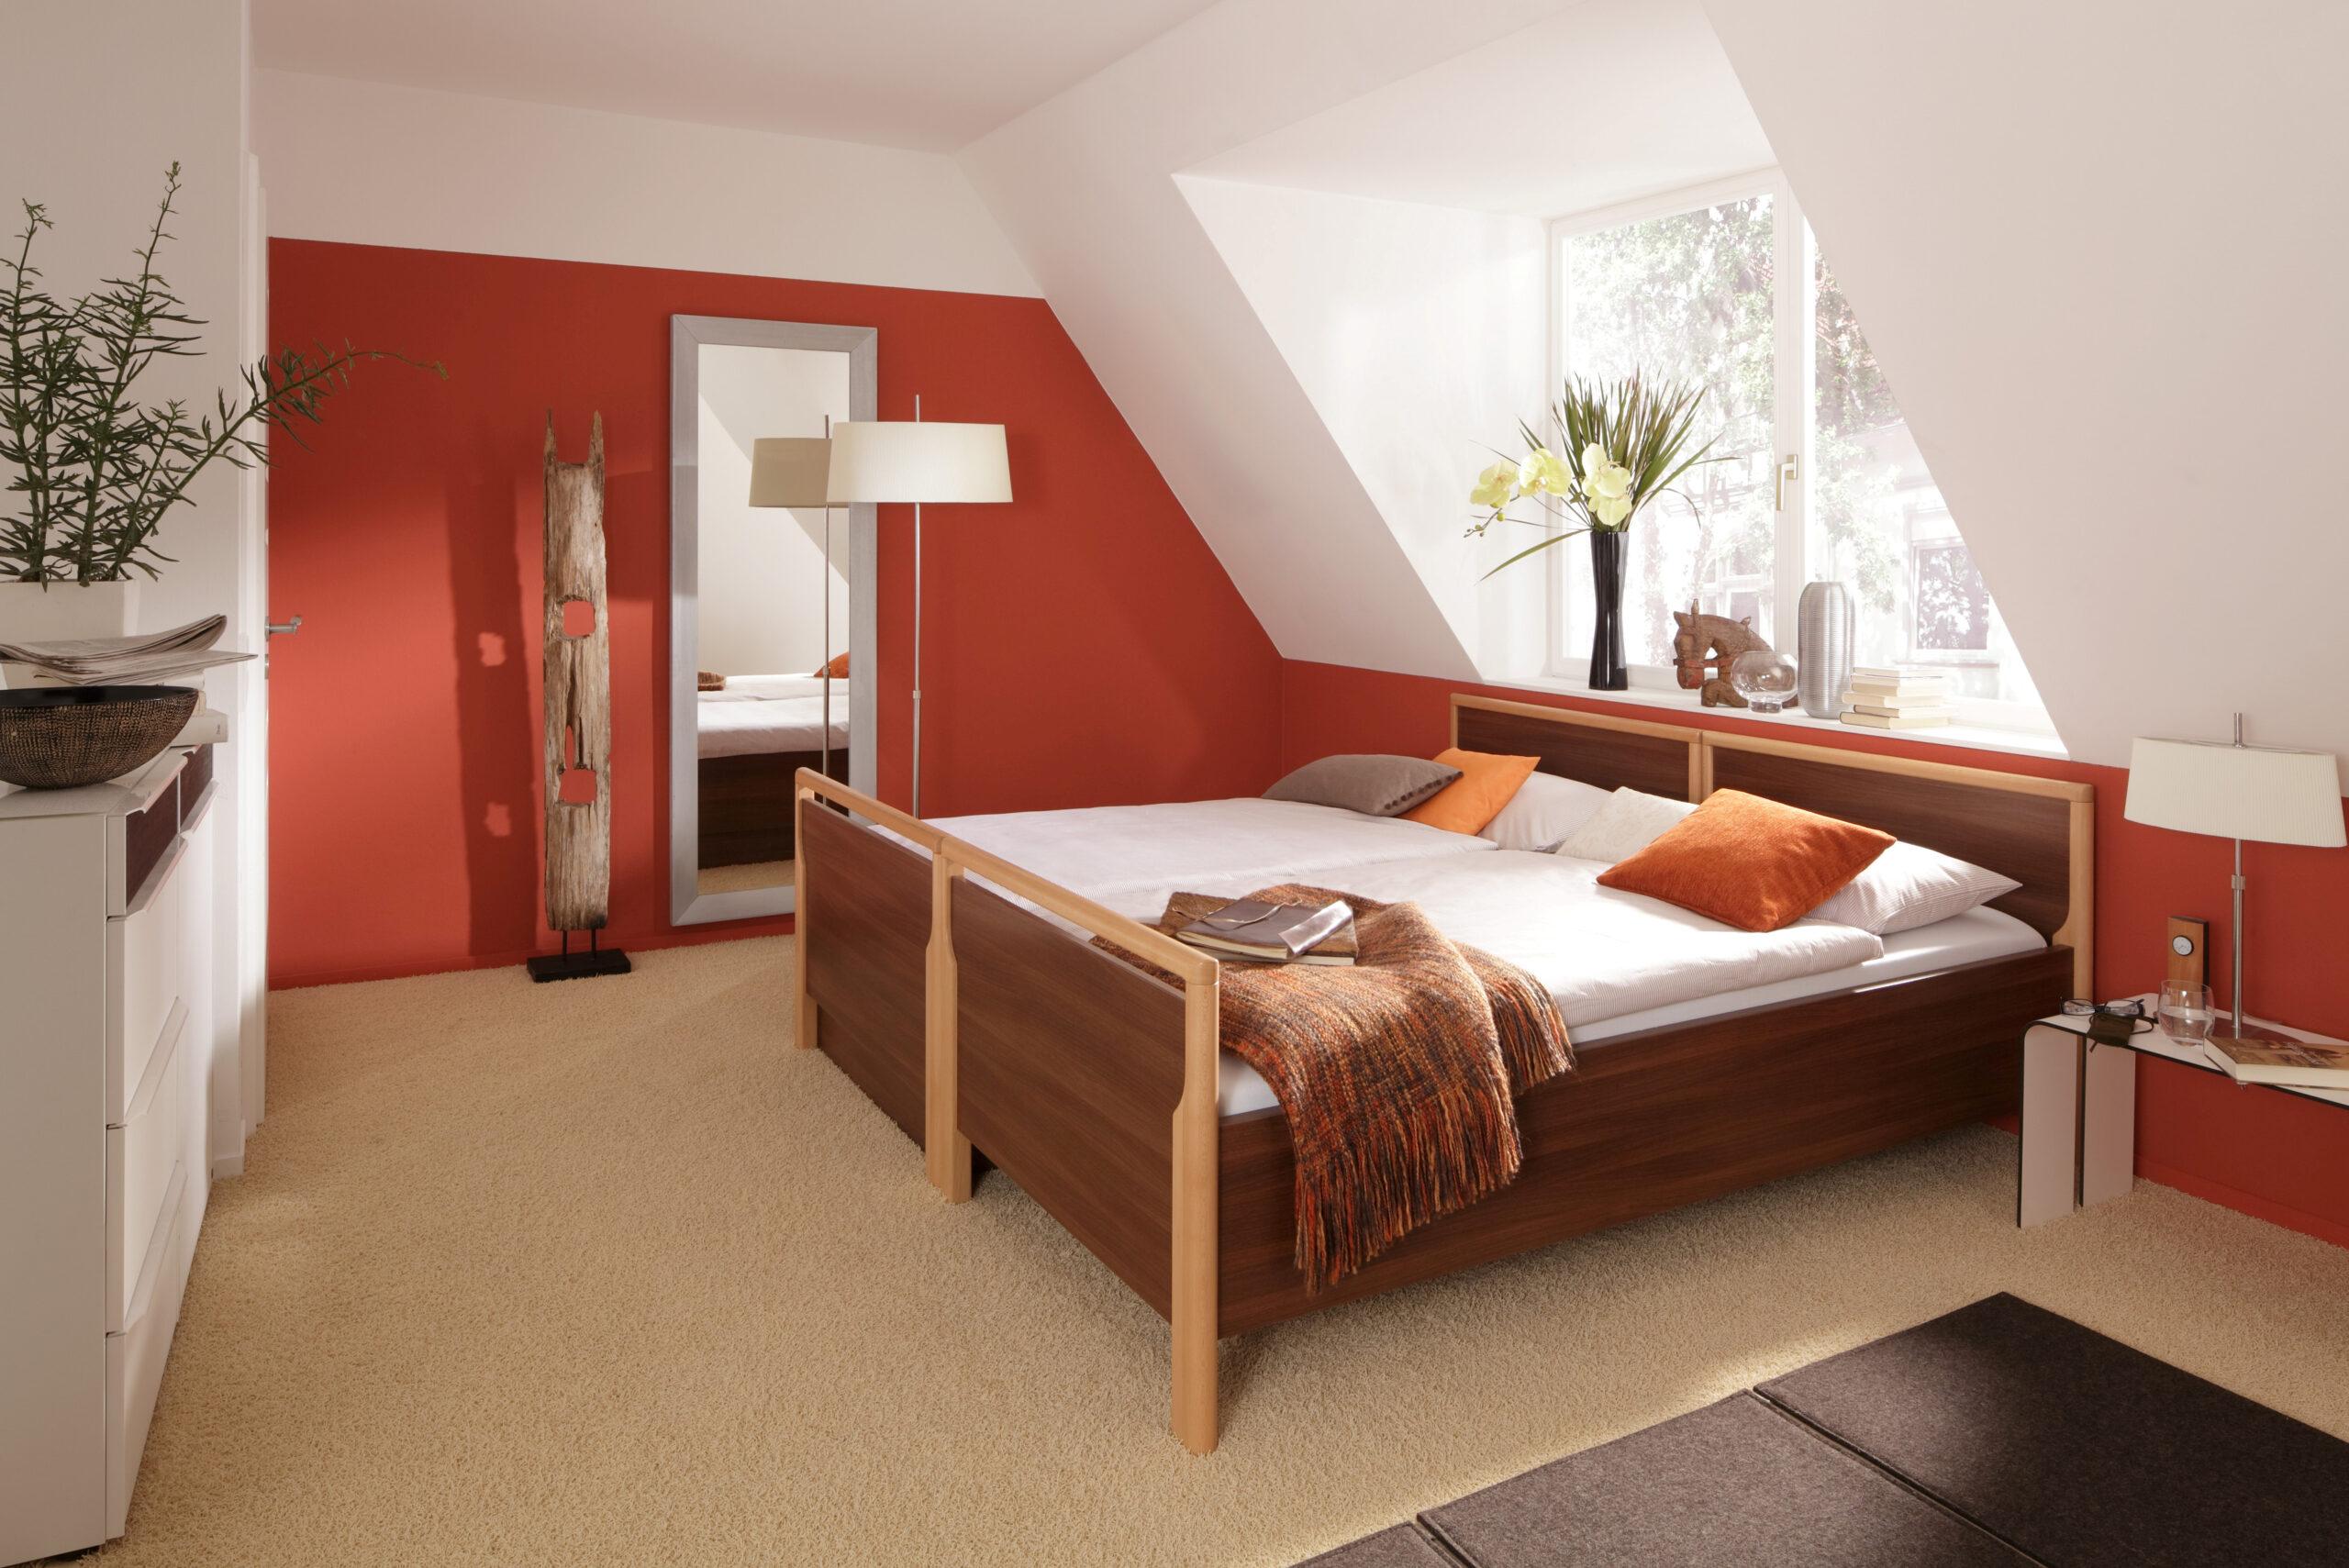 Full Size of Seniorenbett 90x200 Bett Kiefer Mit Lattenrost Und Matratze Schubladen Weiß Bettkasten Weißes Betten Wohnzimmer Seniorenbett 90x200